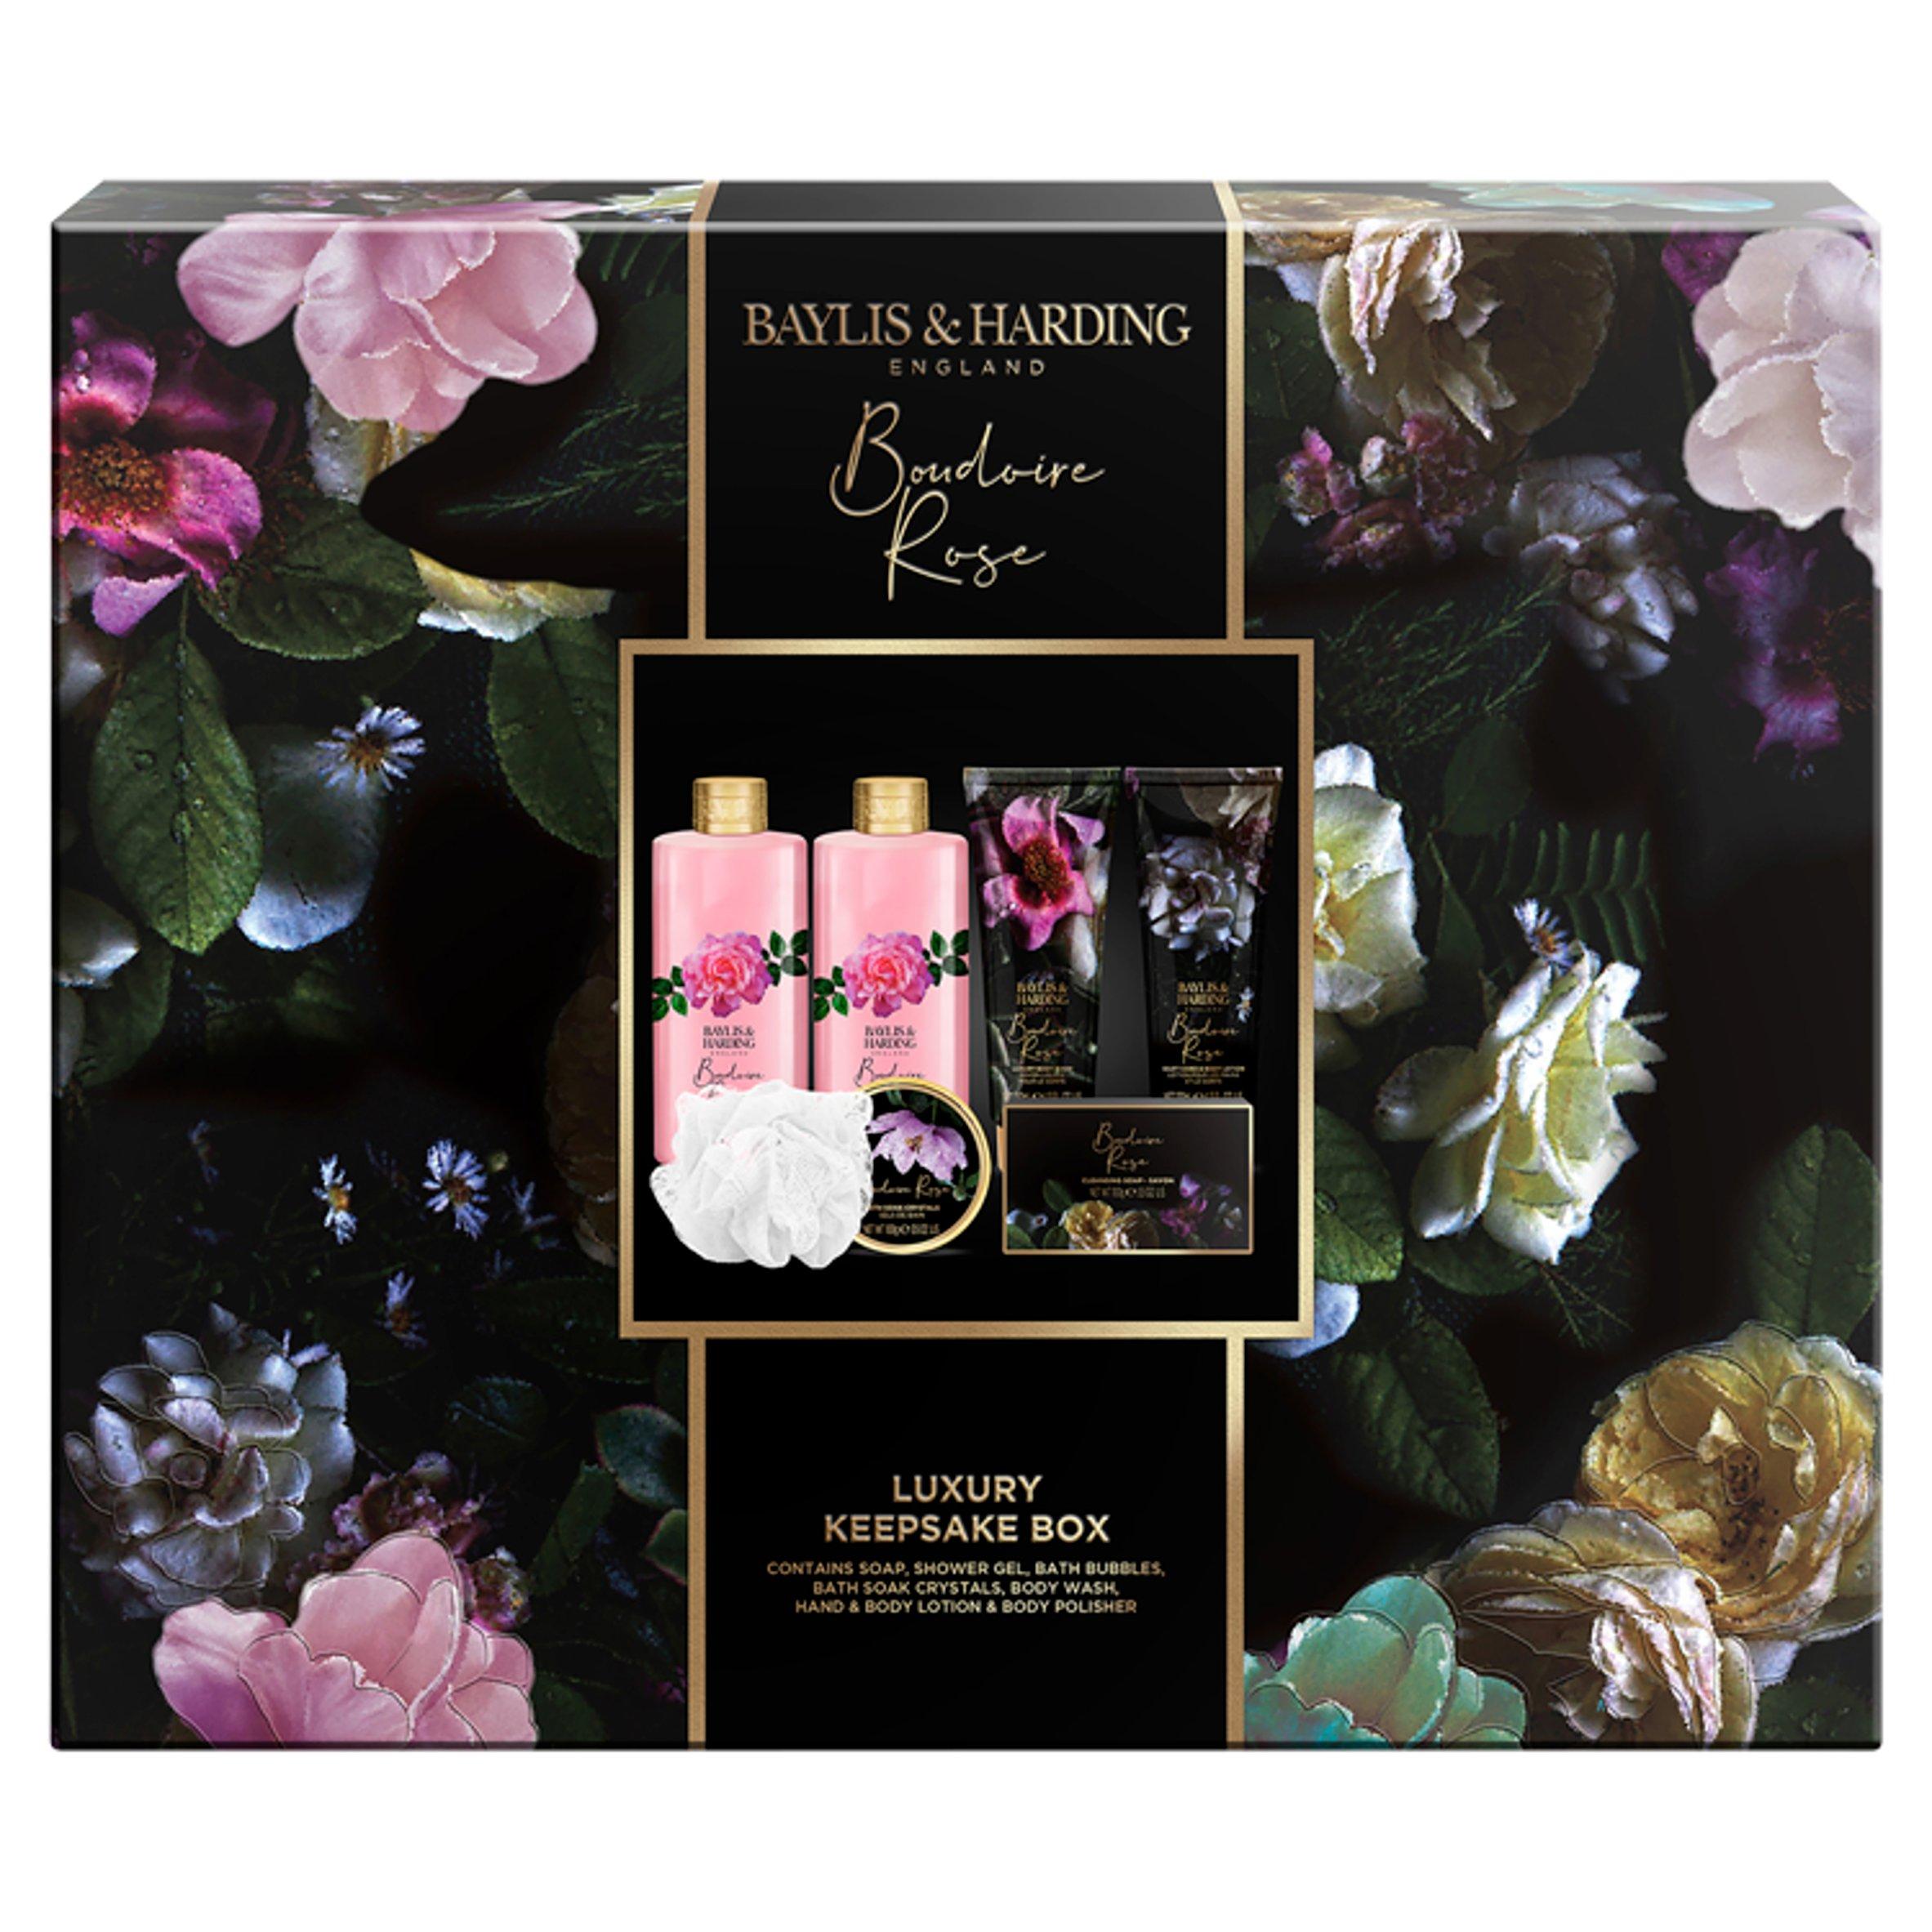 Baylis & Harding Boudoire Rose Keep Sake Box